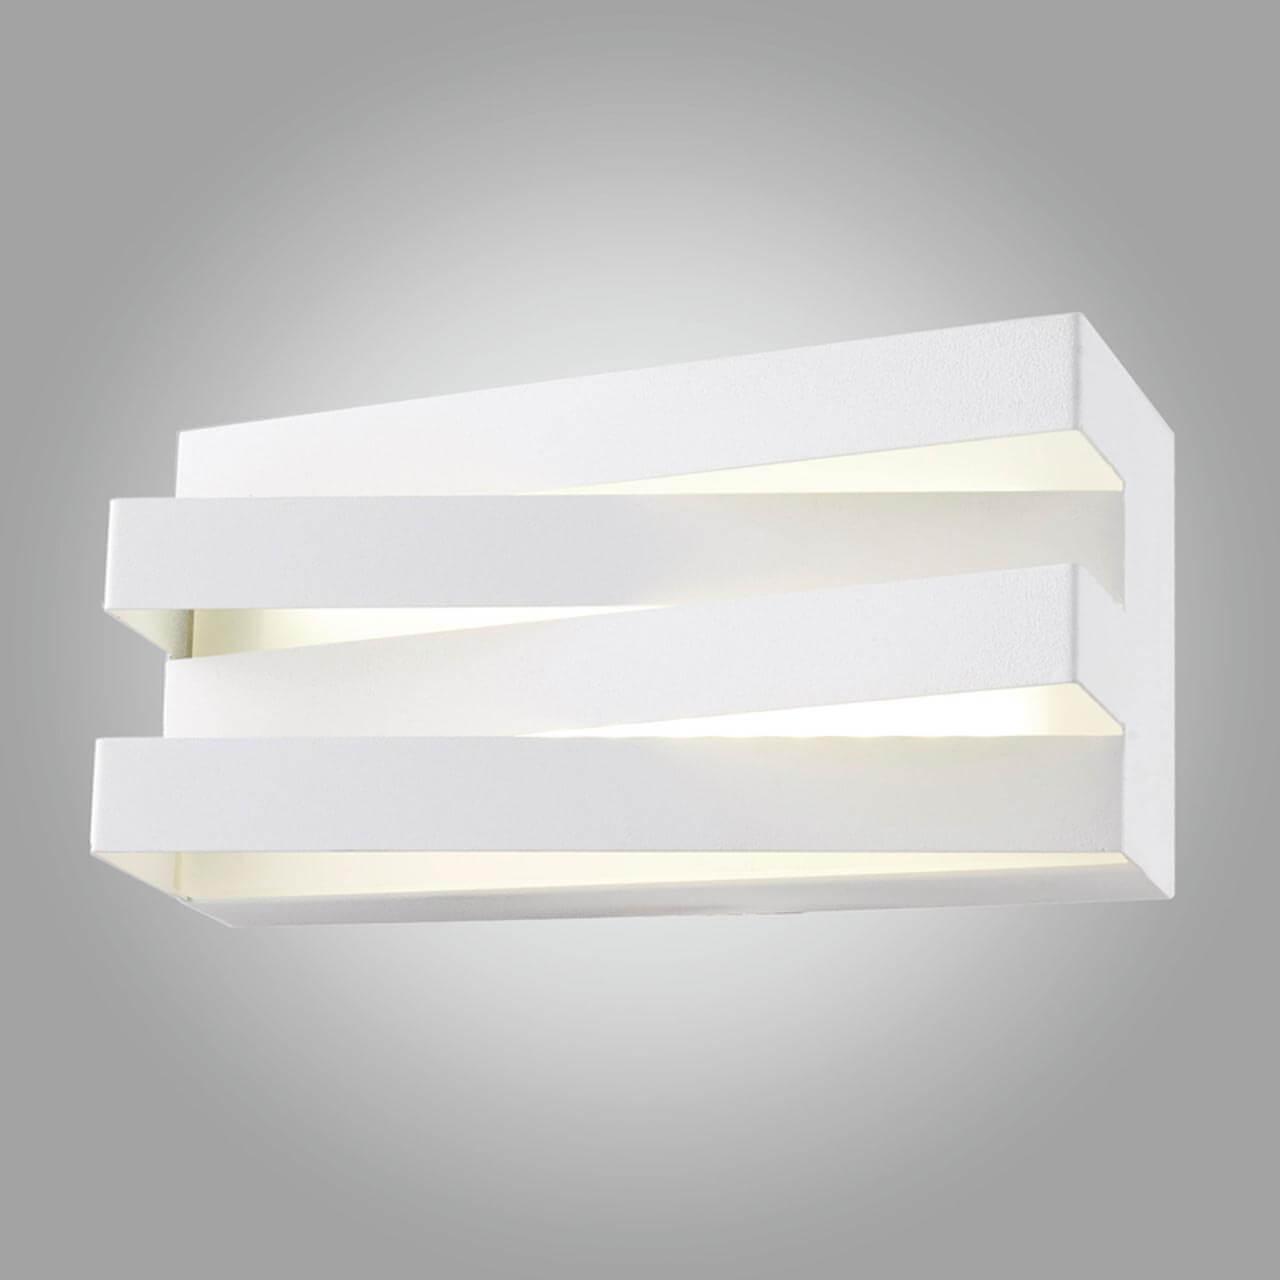 Светильник Eurosvet 40137/1 белый Stair